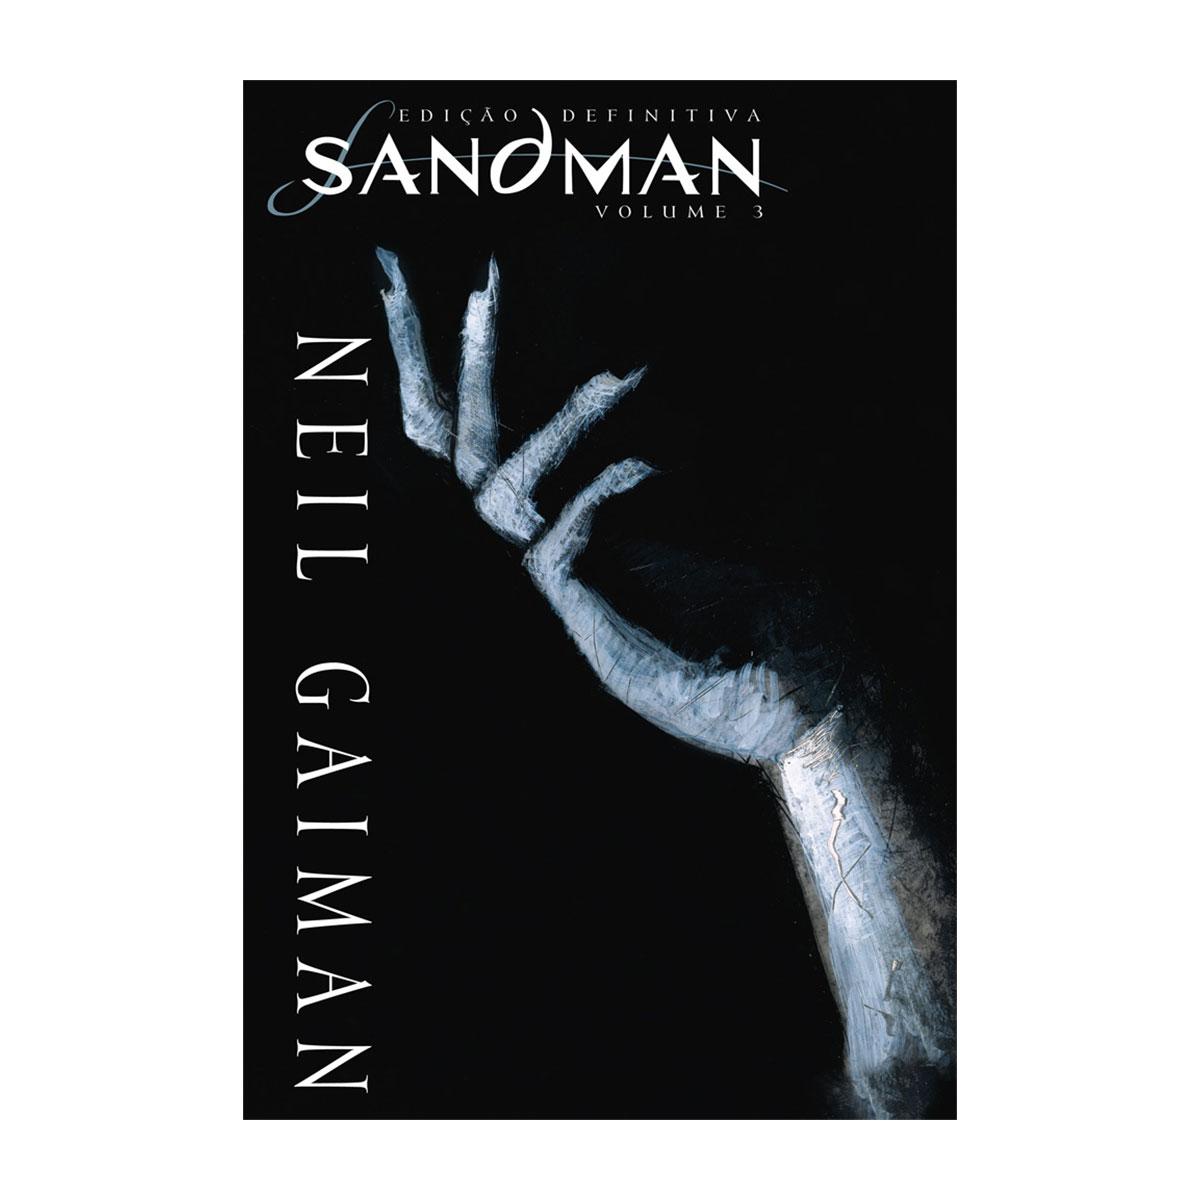 Graphic Novel Sandman Edição Definitiva Vol. 3